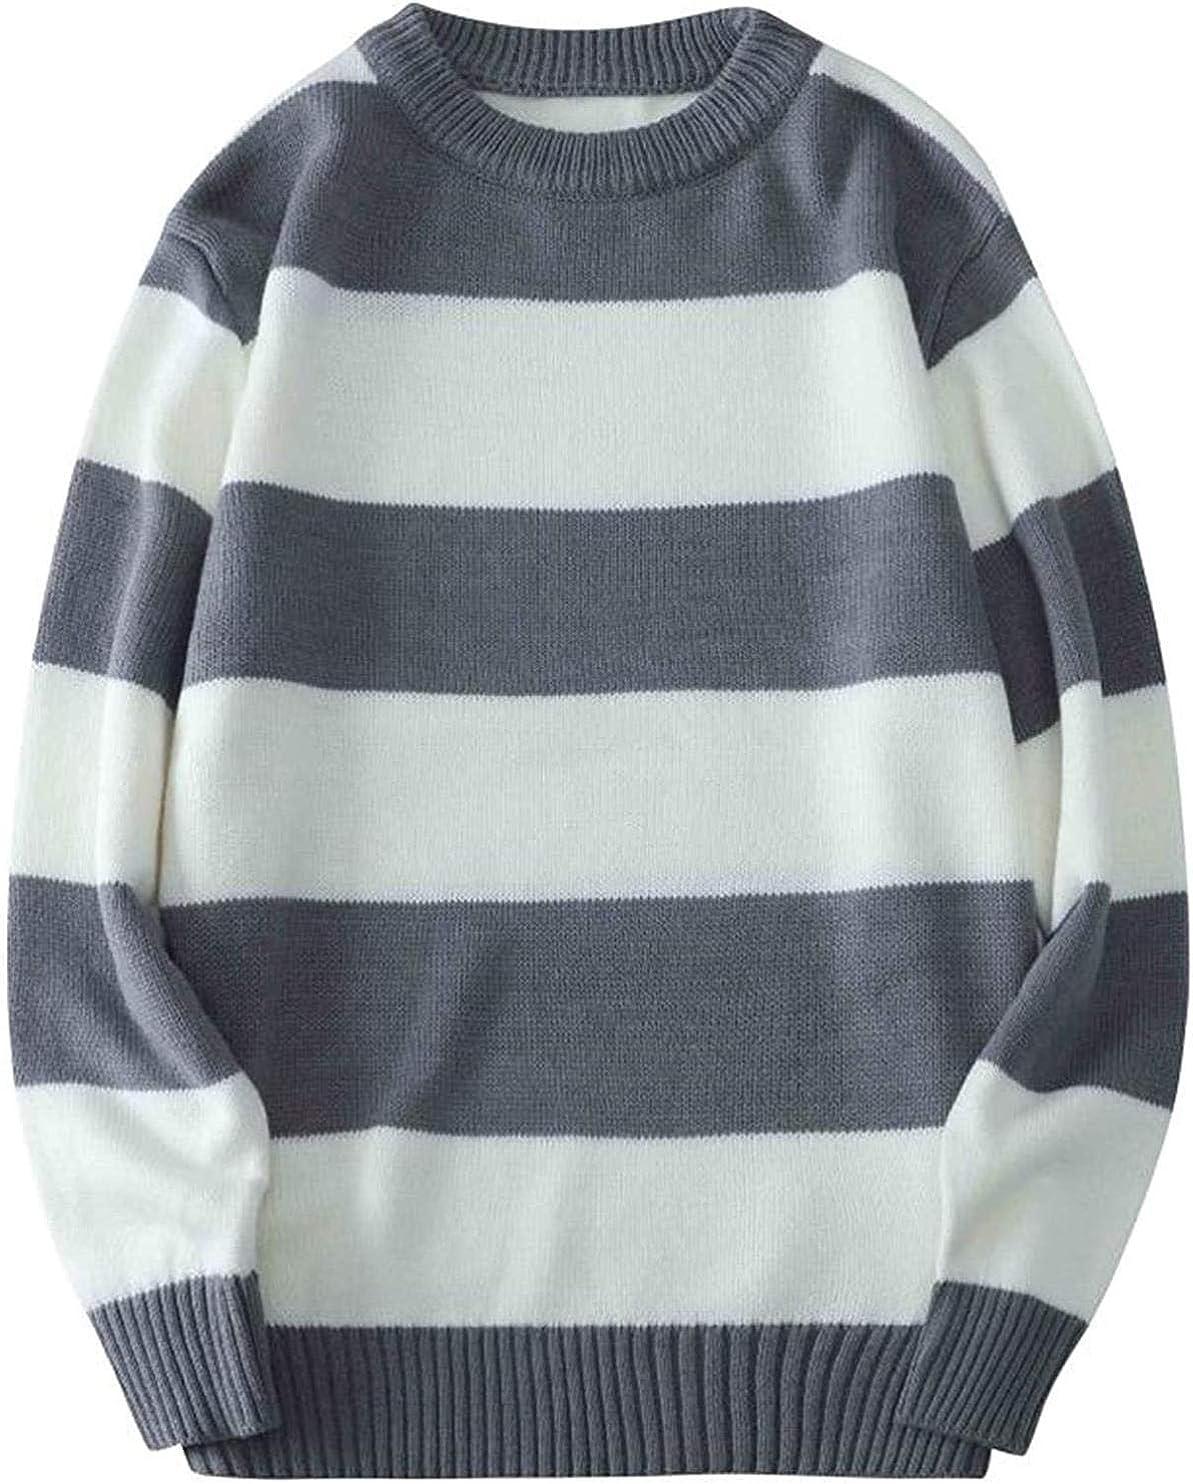 specialty shop Nanoki Ranking TOP1 Men's Sweater Stripe Pullovers Striped Ju Men Sleeve Long